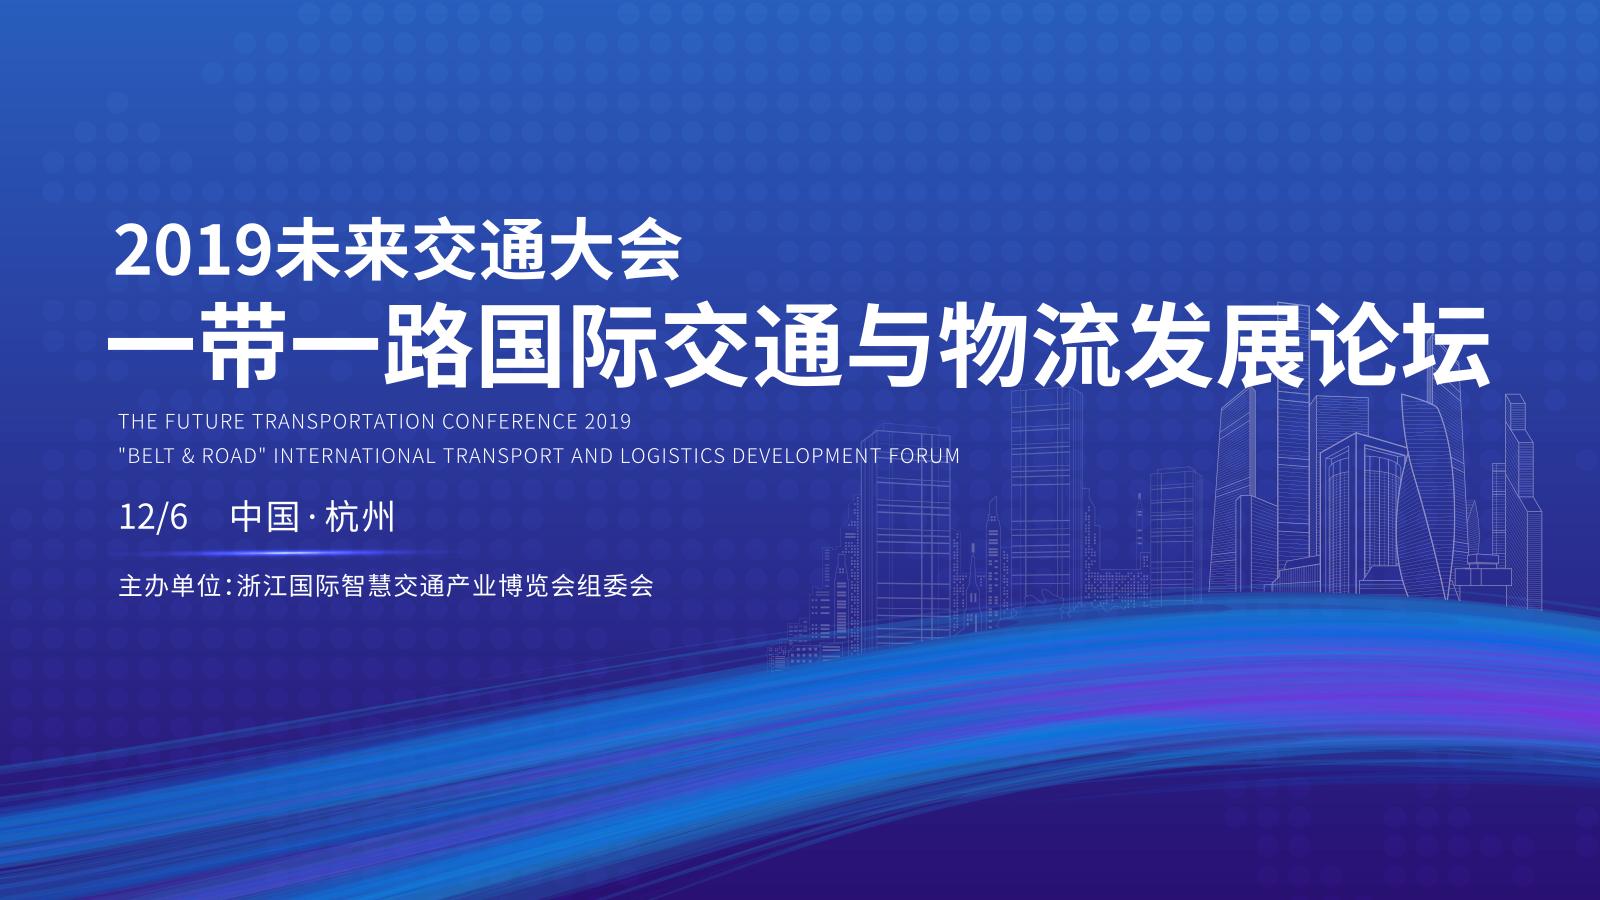 一帶一路國際交通與物流發展論壇.png